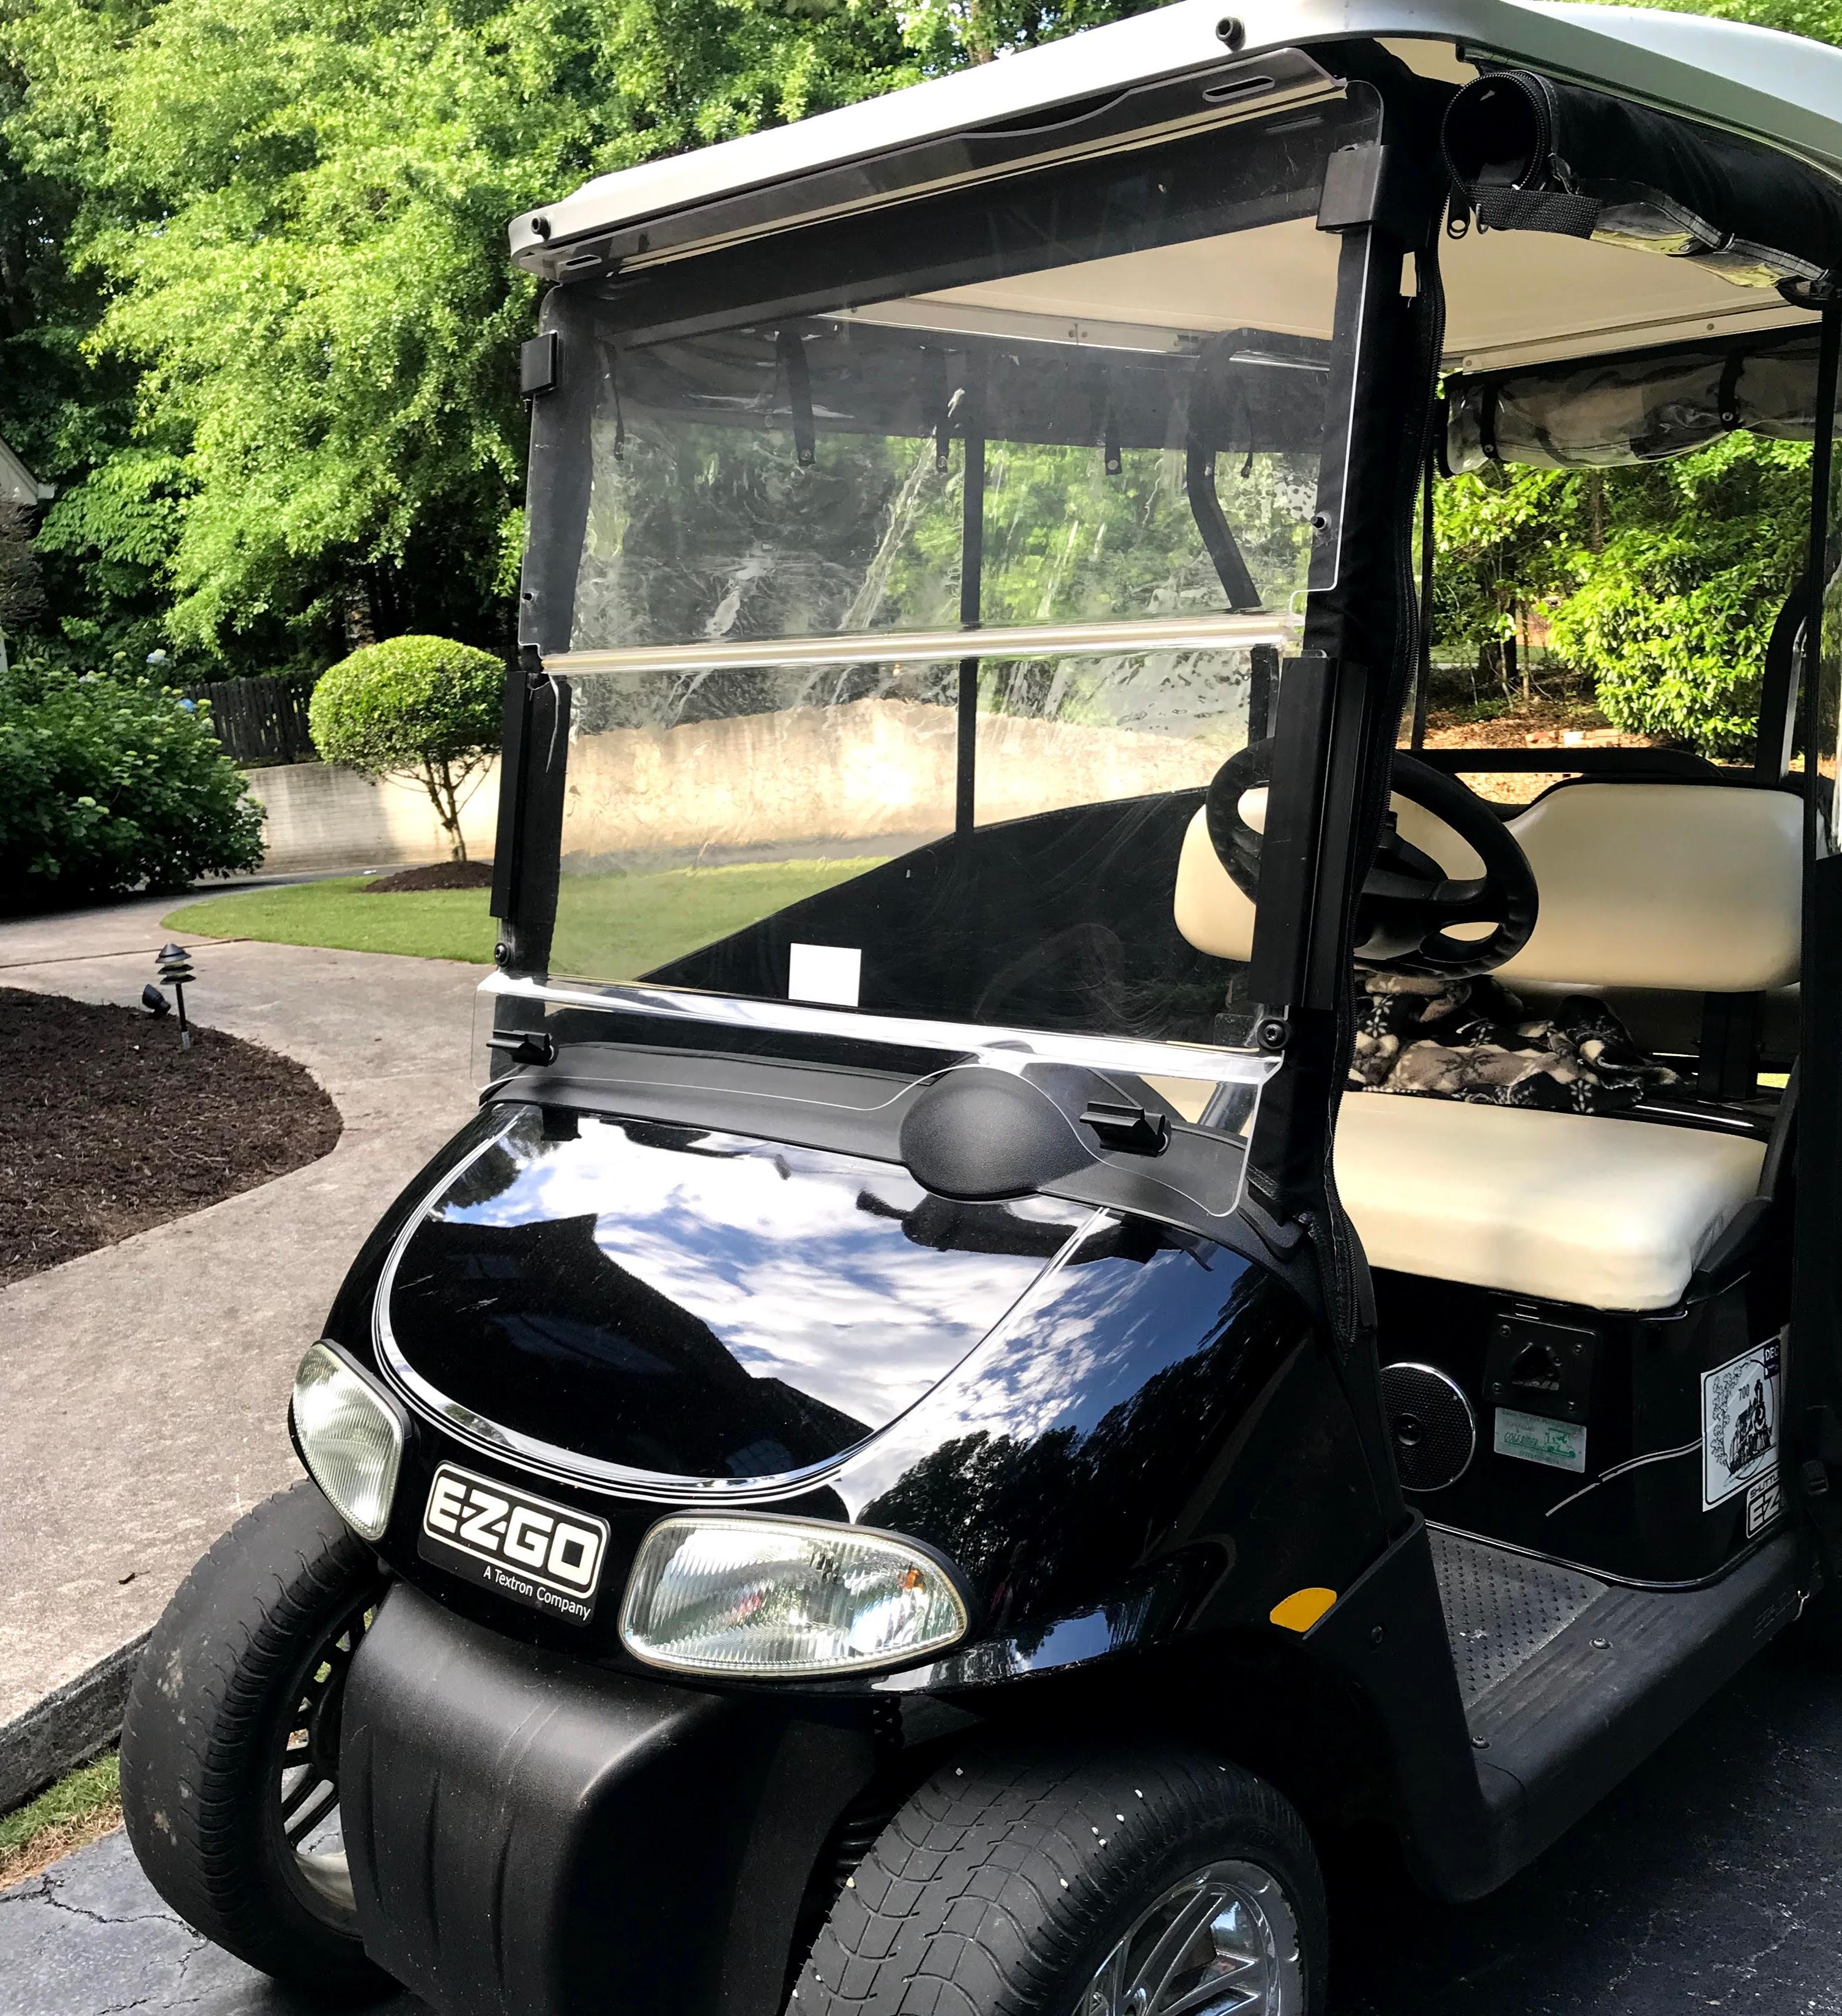 EZGO golf cart windshield